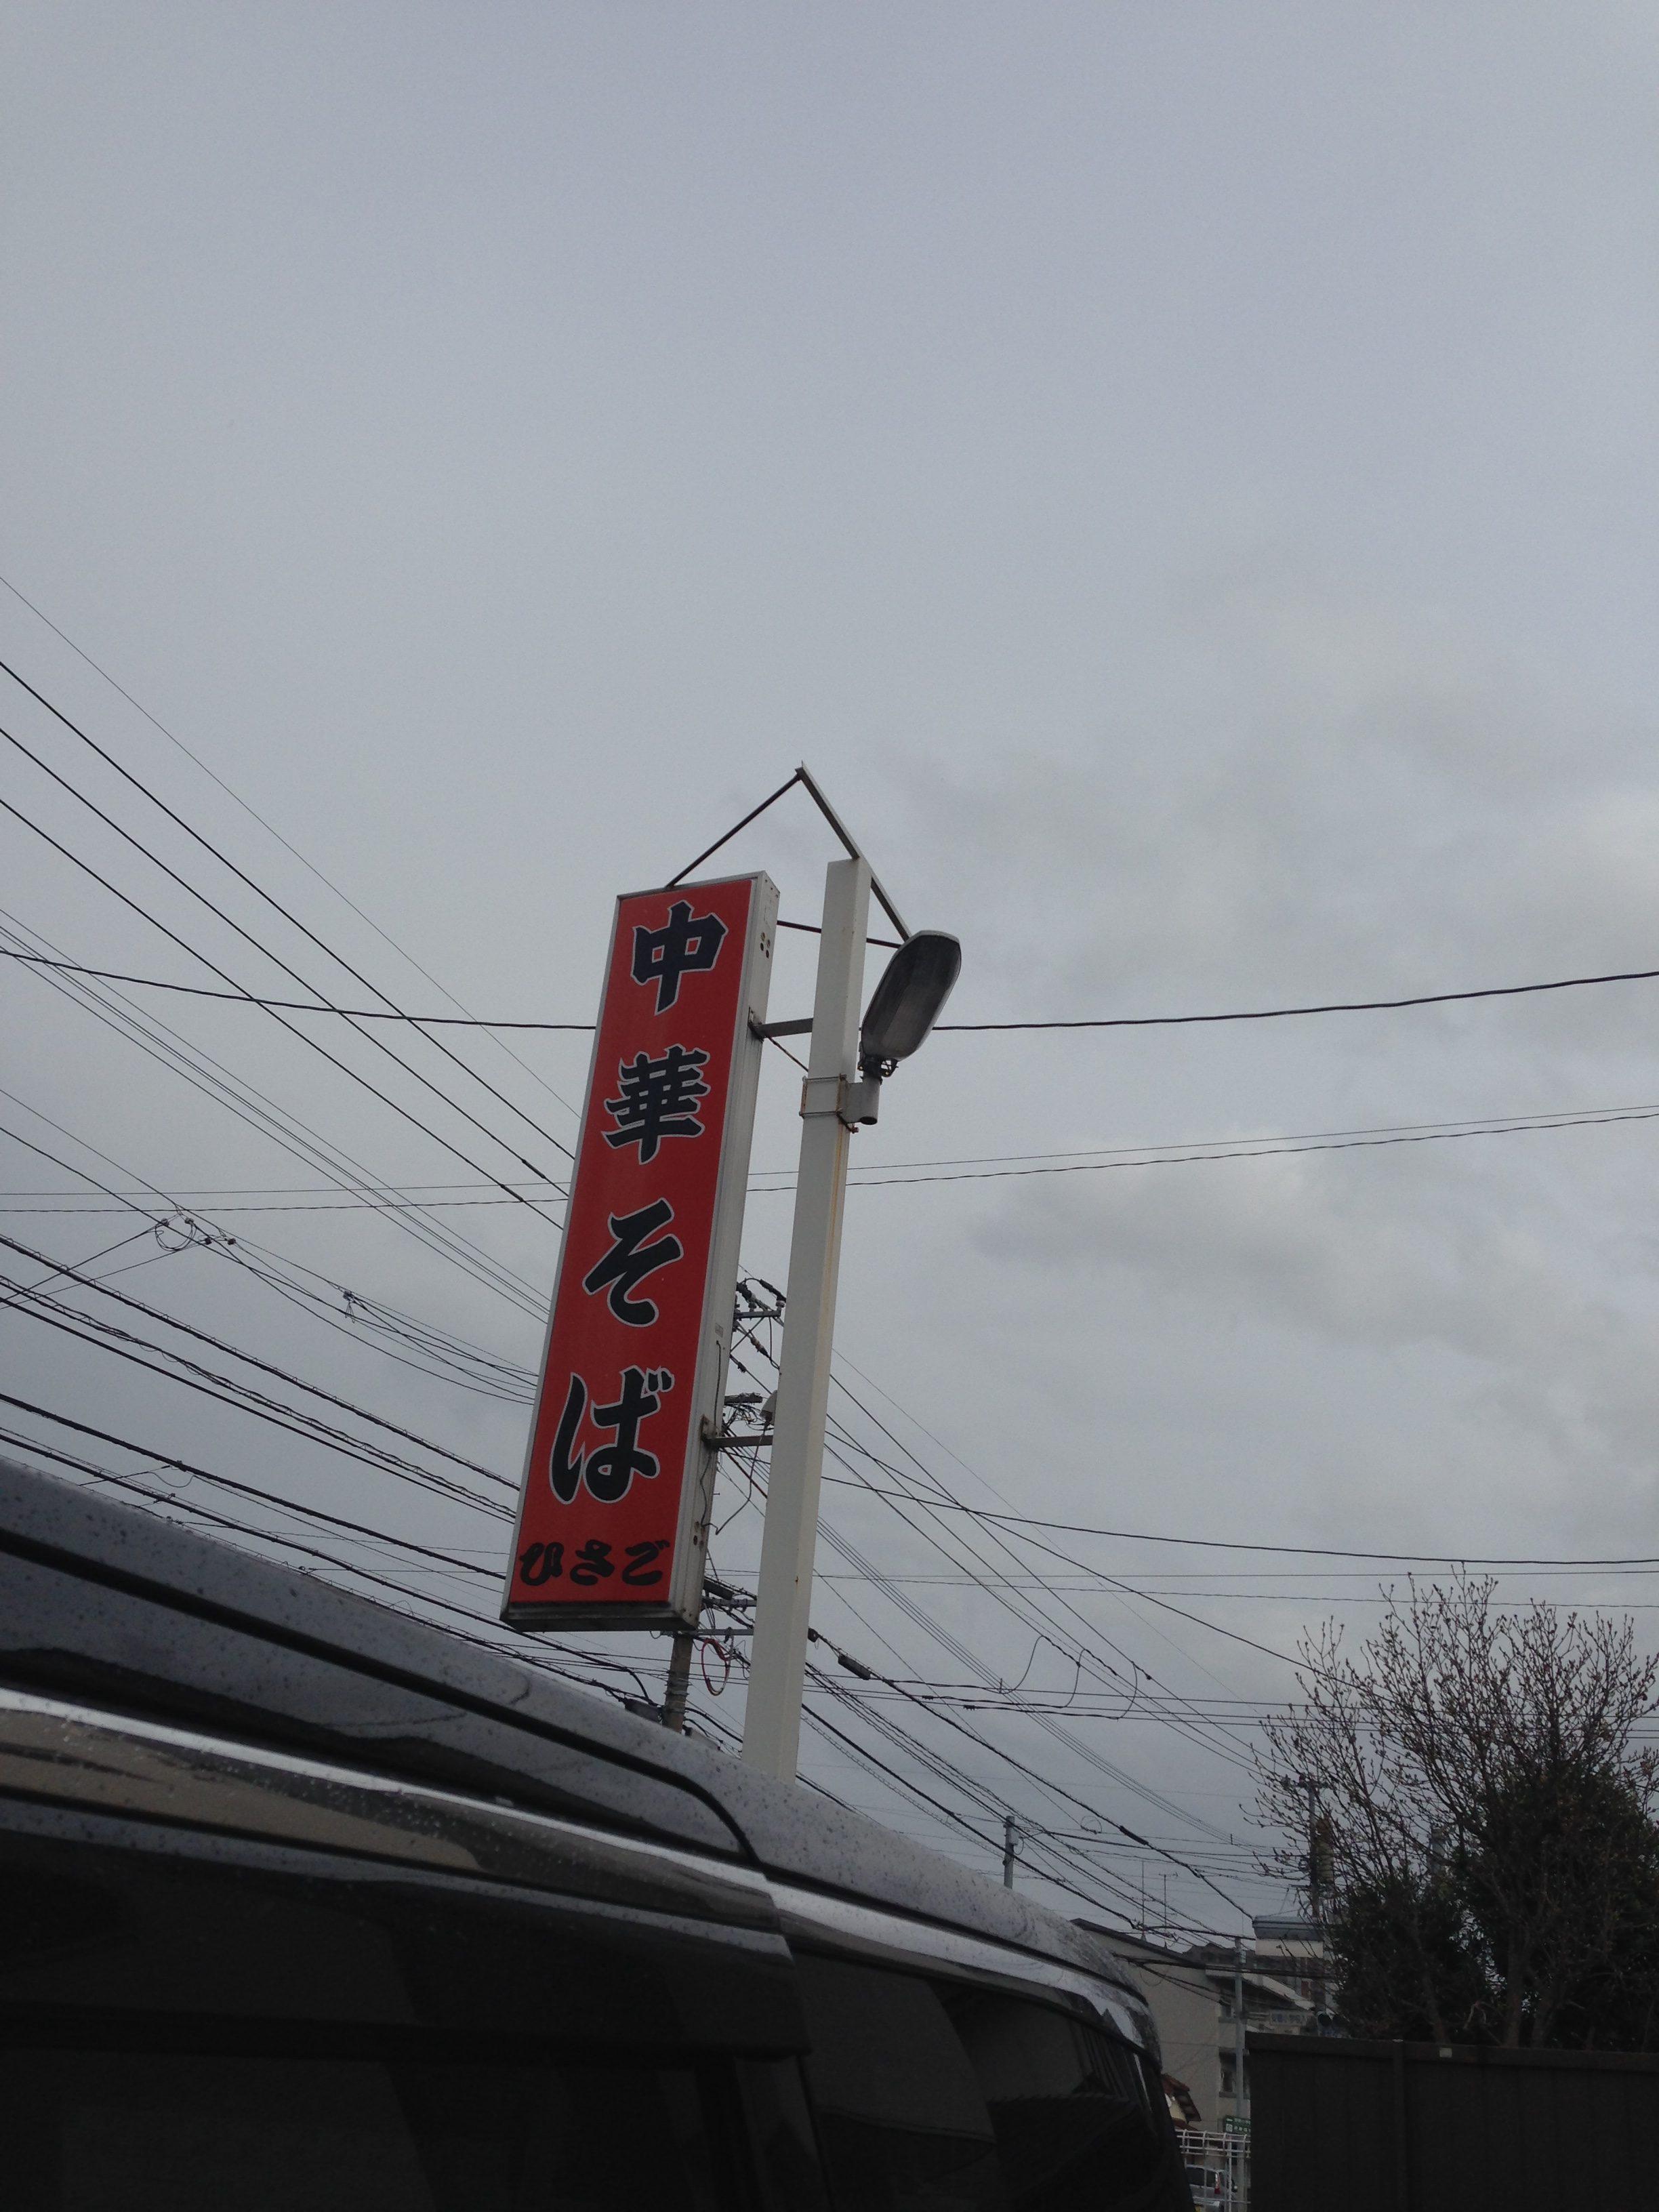 【ひさご 那珂川】おいしい醤油ラーメン屋さんみつけました。